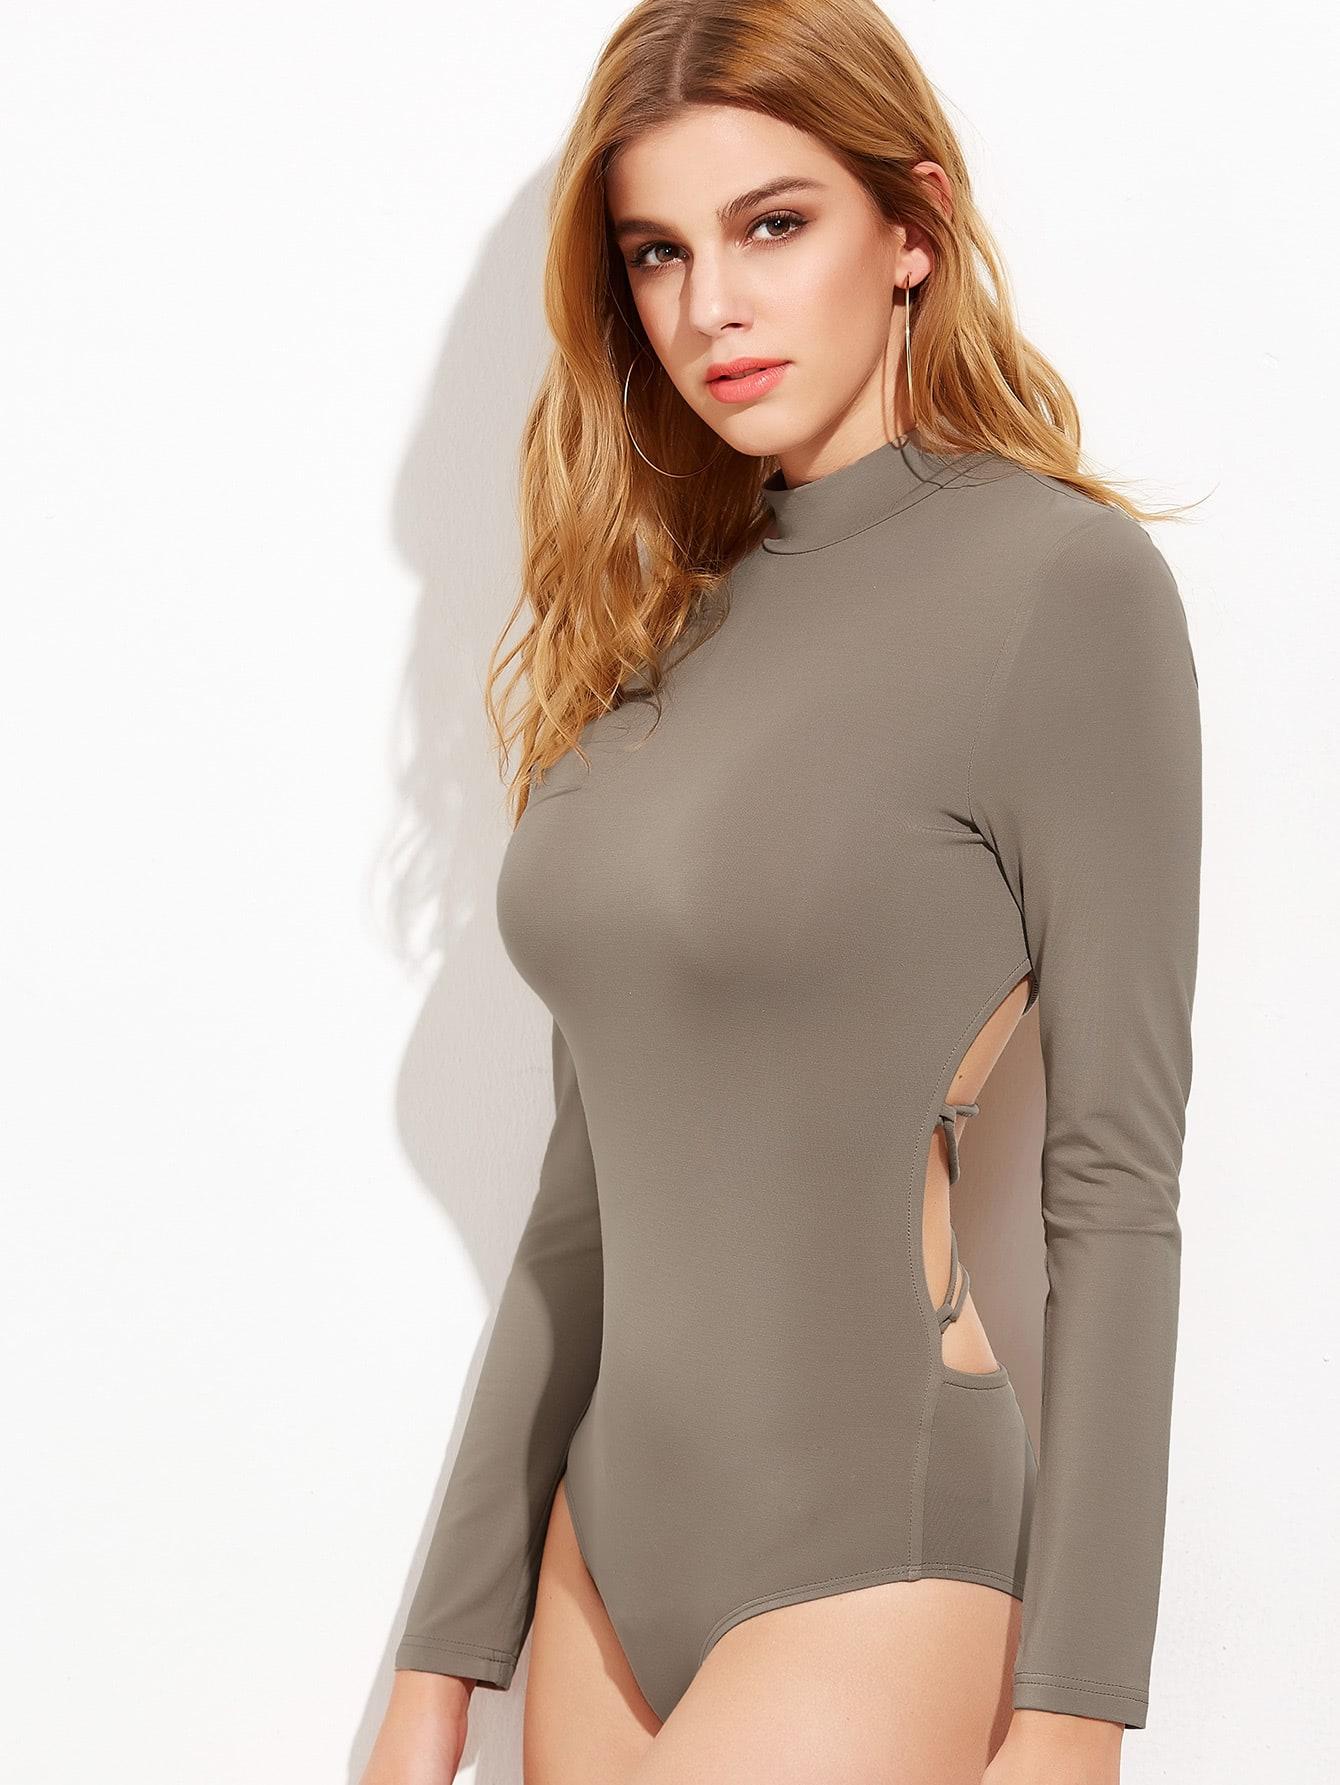 bodysuit161111701_2